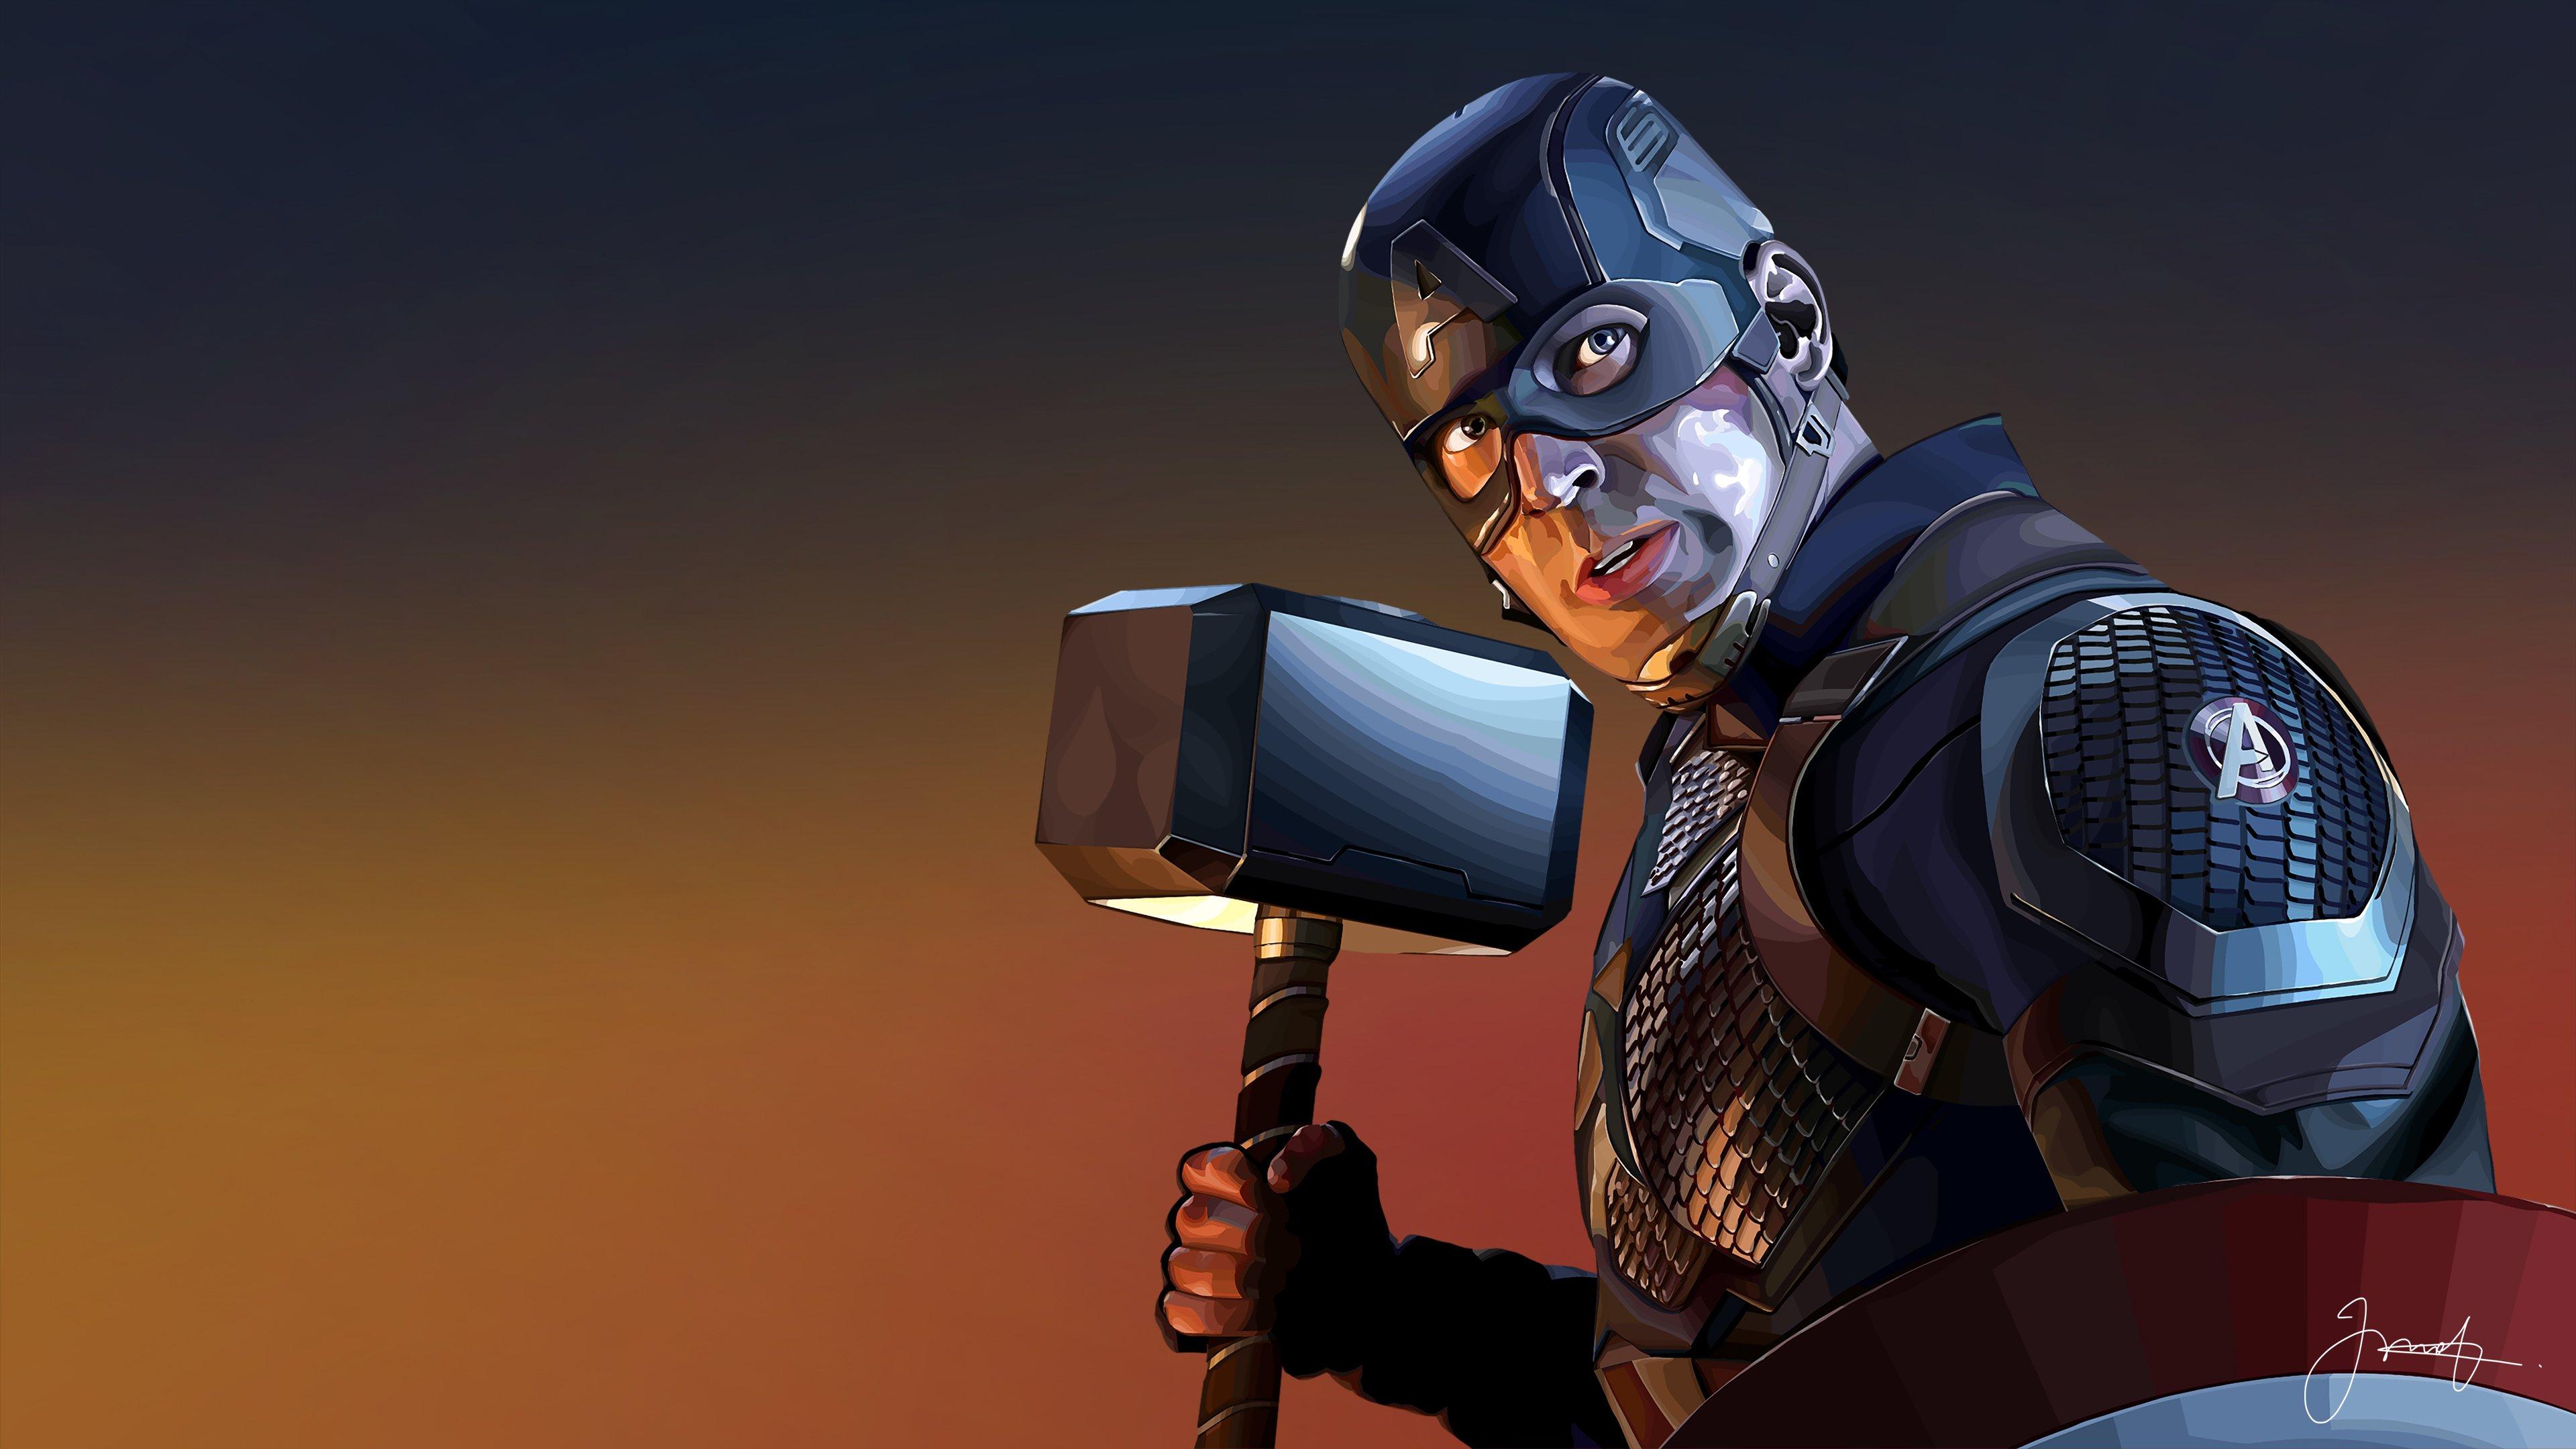 Fondos de pantalla Capitan America con martillo